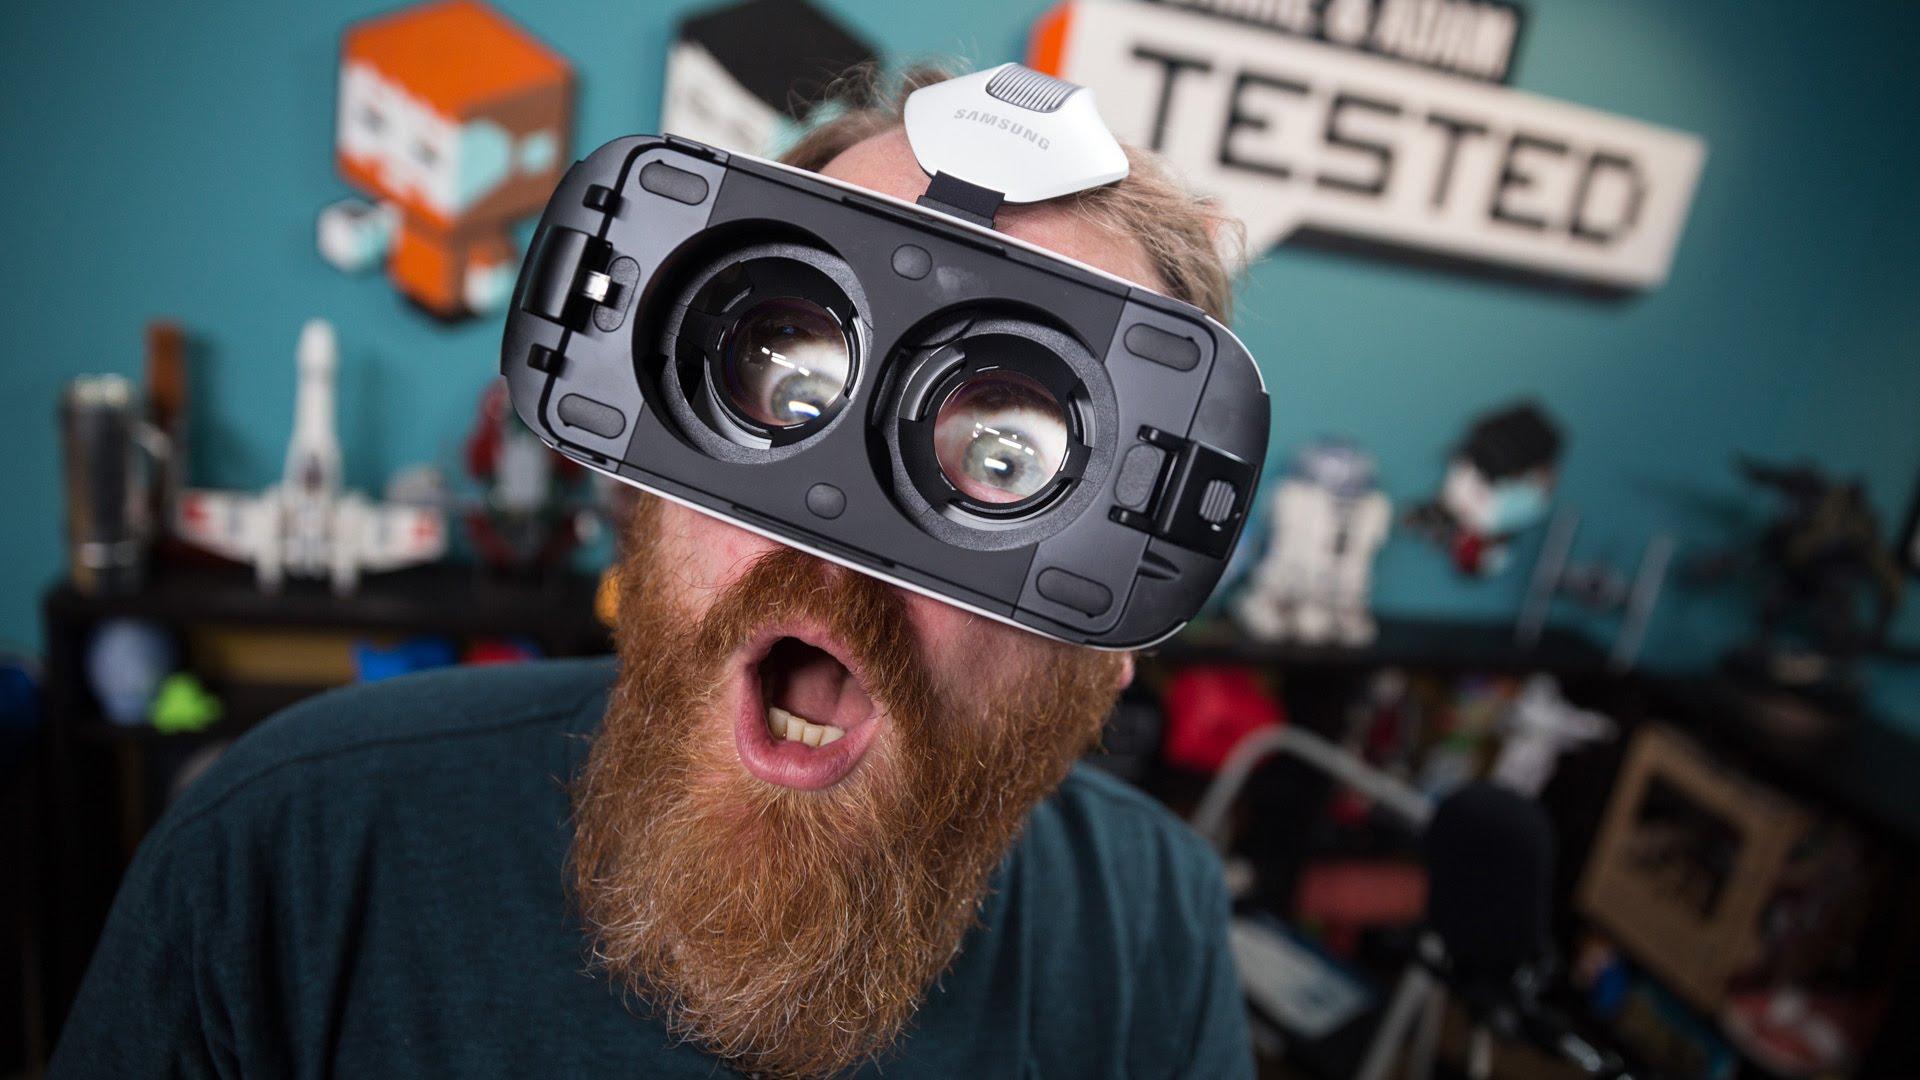 Porno VR le mot clé qui cartonne sur Google ! - Meilleur